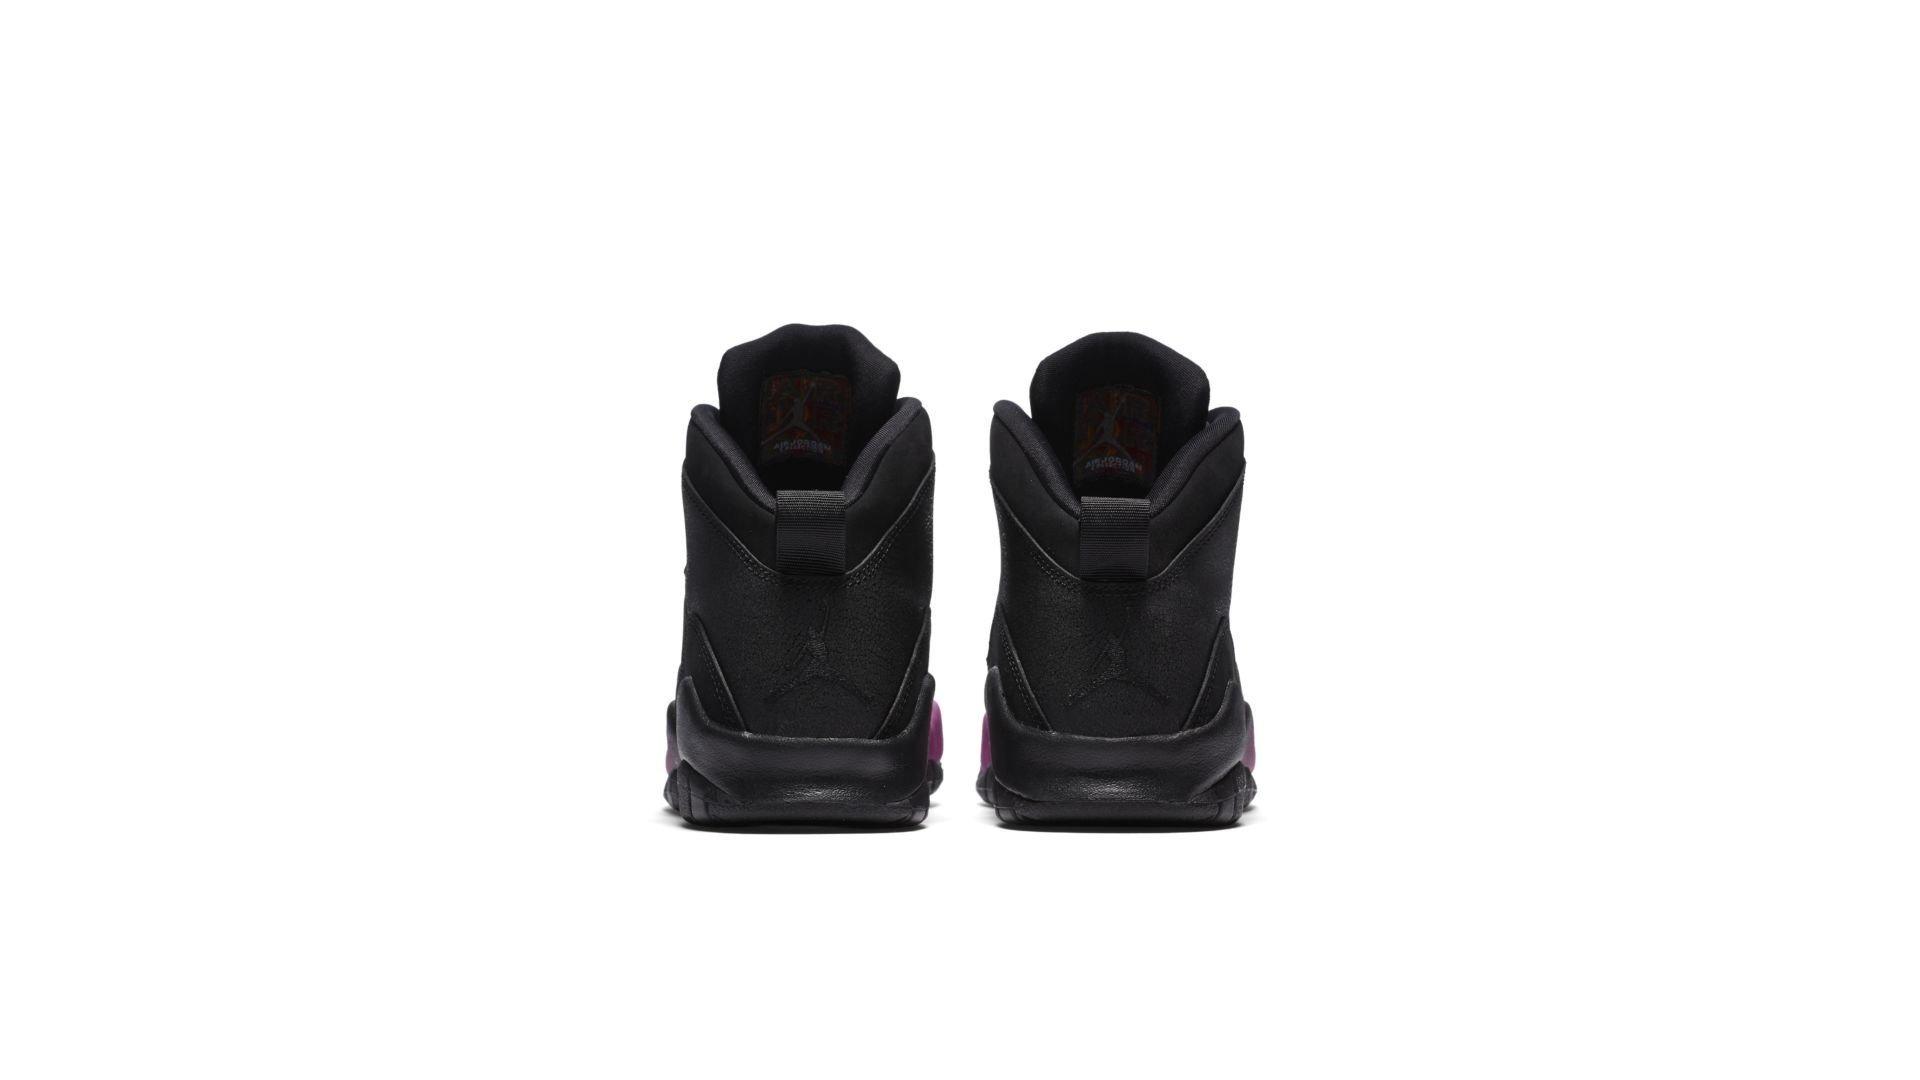 Jordan 10 Retro Black Fuchsia Black (GS) (487211-017)